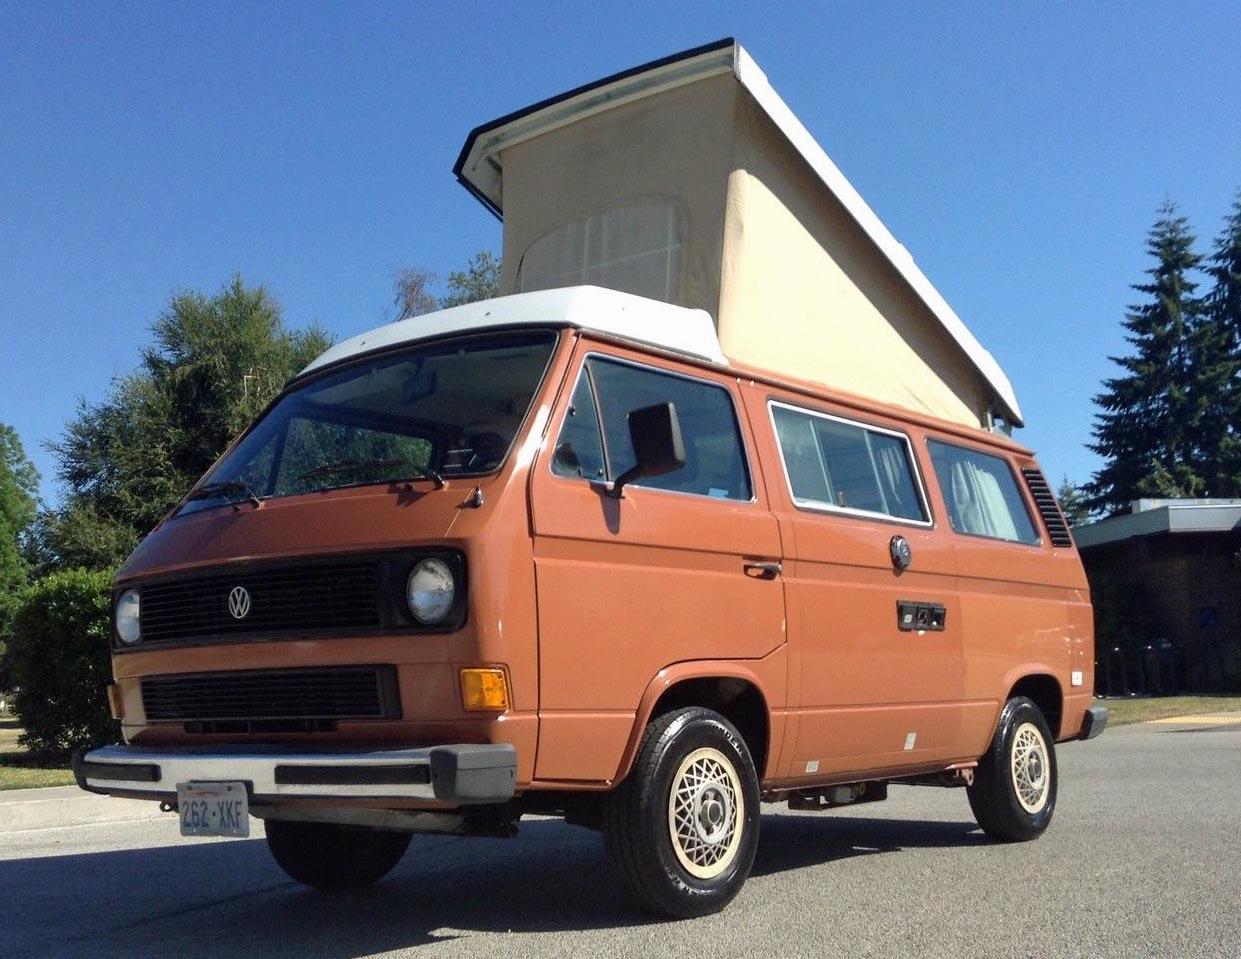 Vw Thing For Sale >> All Original 1983 VW Vanagon Westfalia Camper For Sale